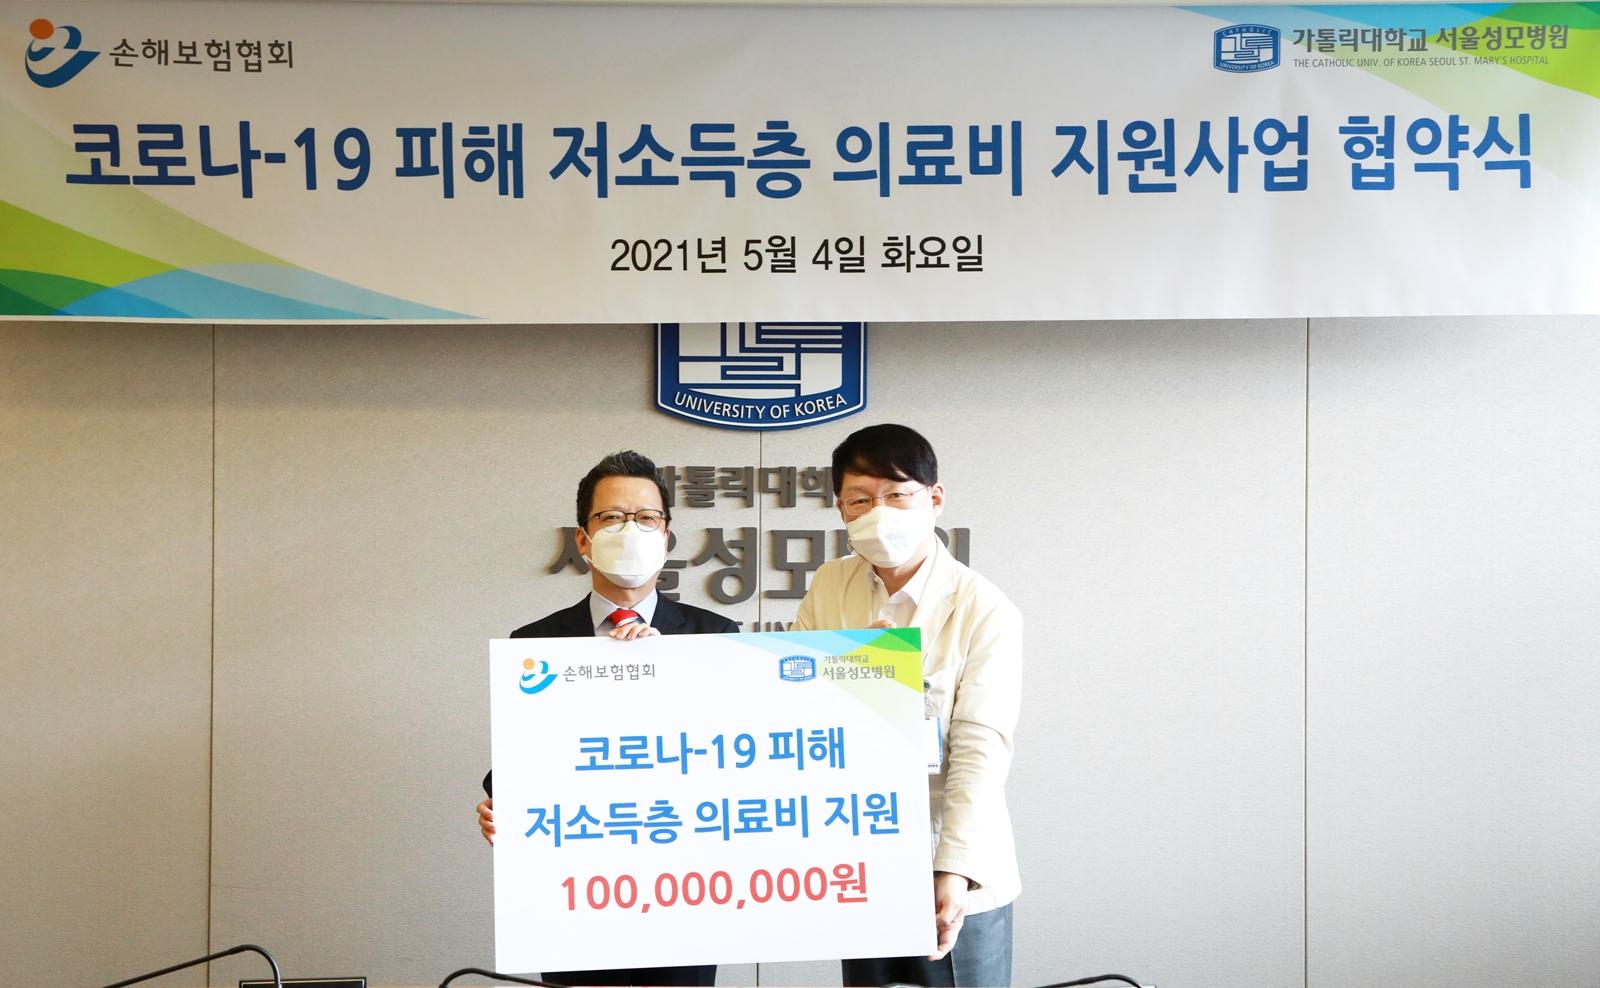 서울성모병원_손해보험협회 의료비 지원 협약기념